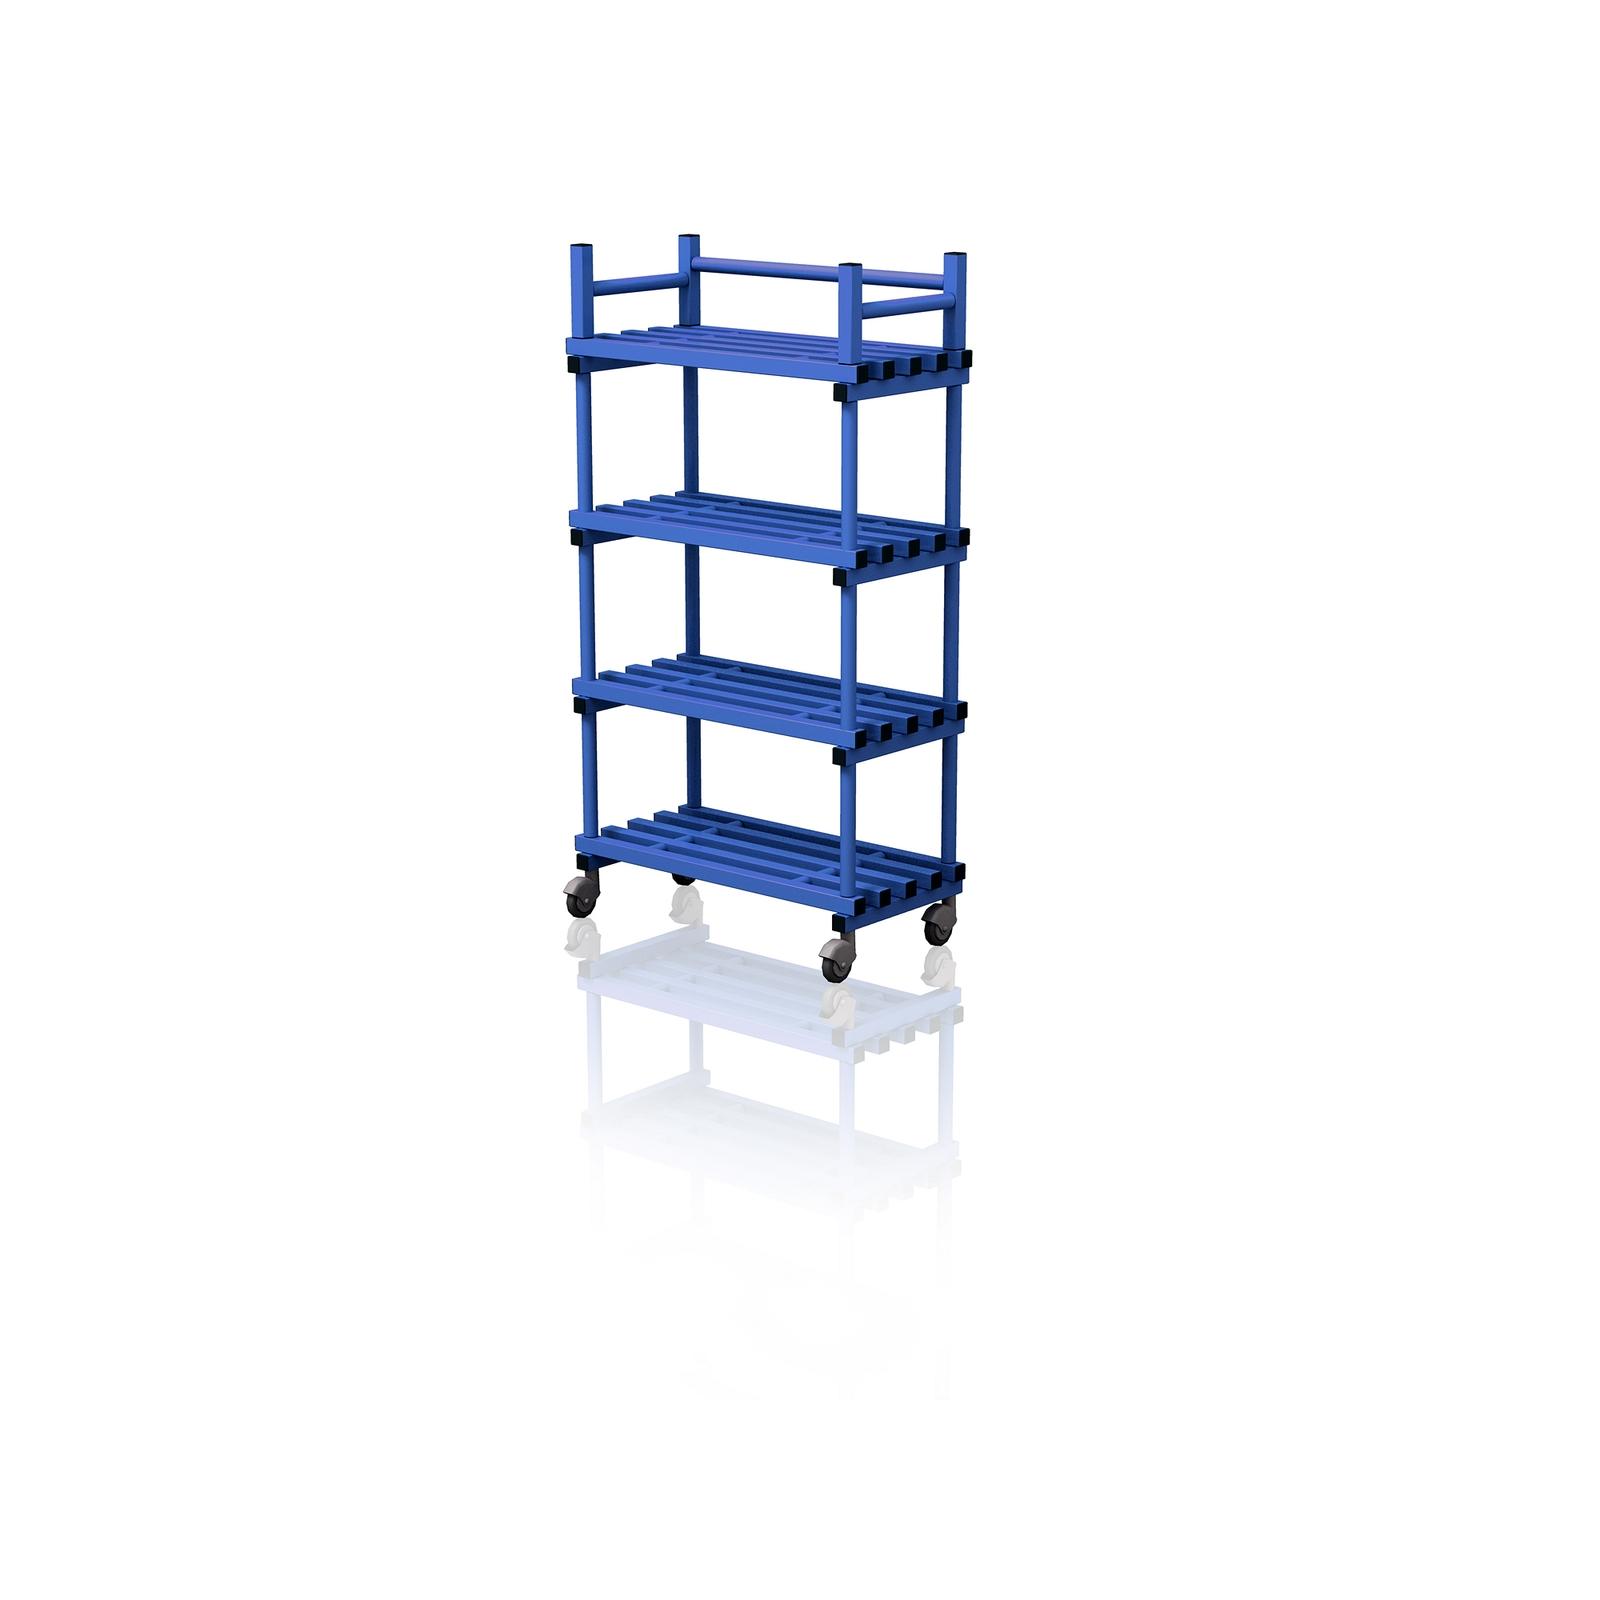 Mobile Shelving Unit Blue